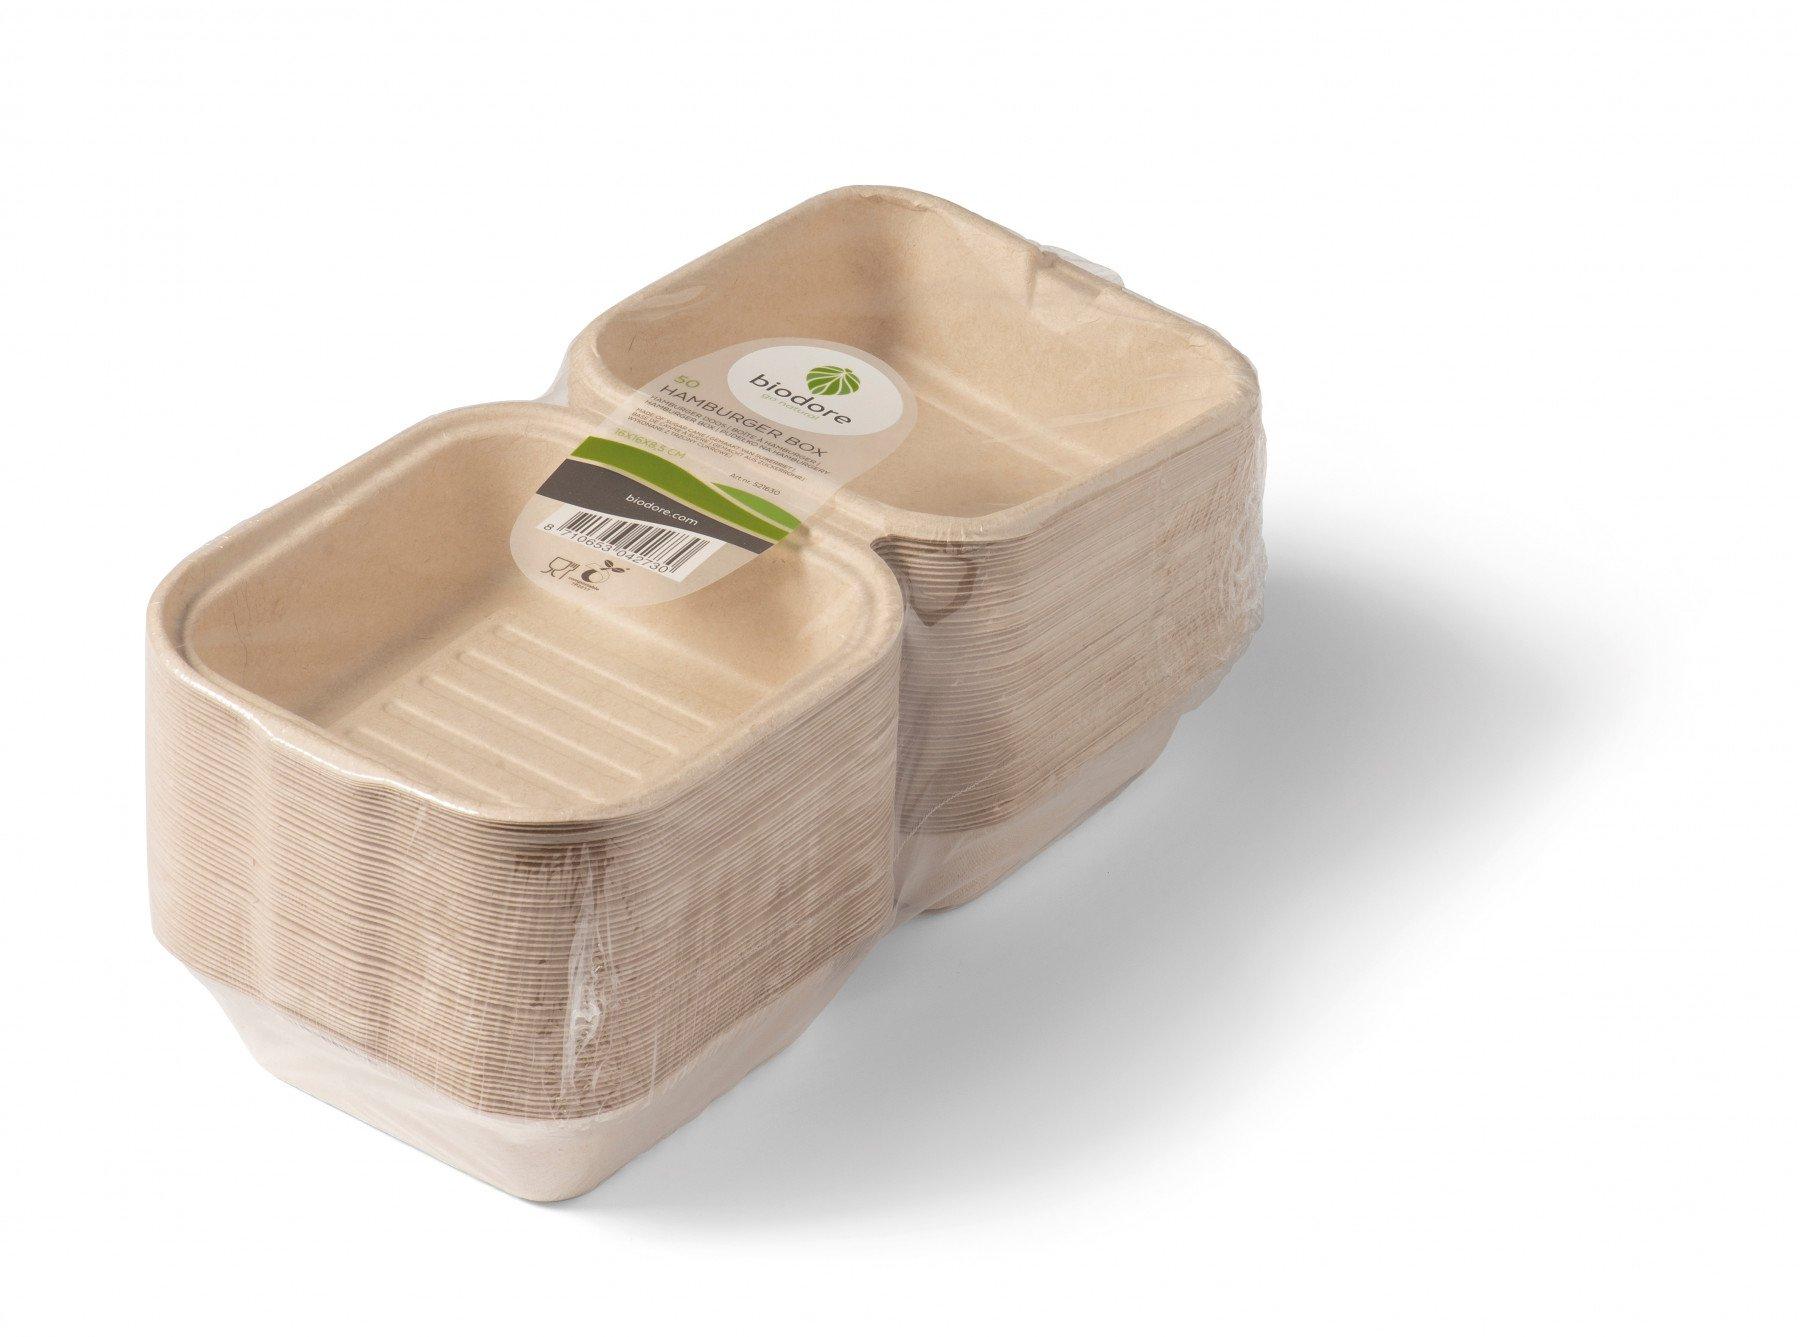 Biodore hamburgerbakjes suikerrietpulp 10 x 50 stuks